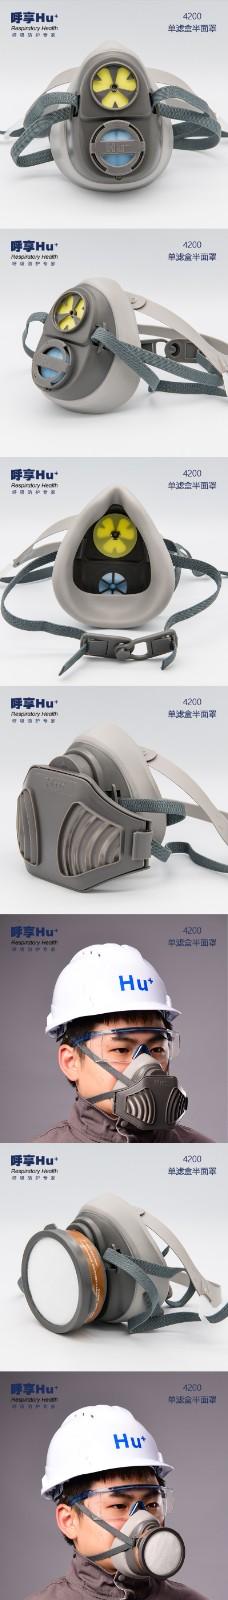 呼享(HU+)4200 防护面具 工业粉尘煤矿打磨电焊雾霾防尘面具 面罩主体1个